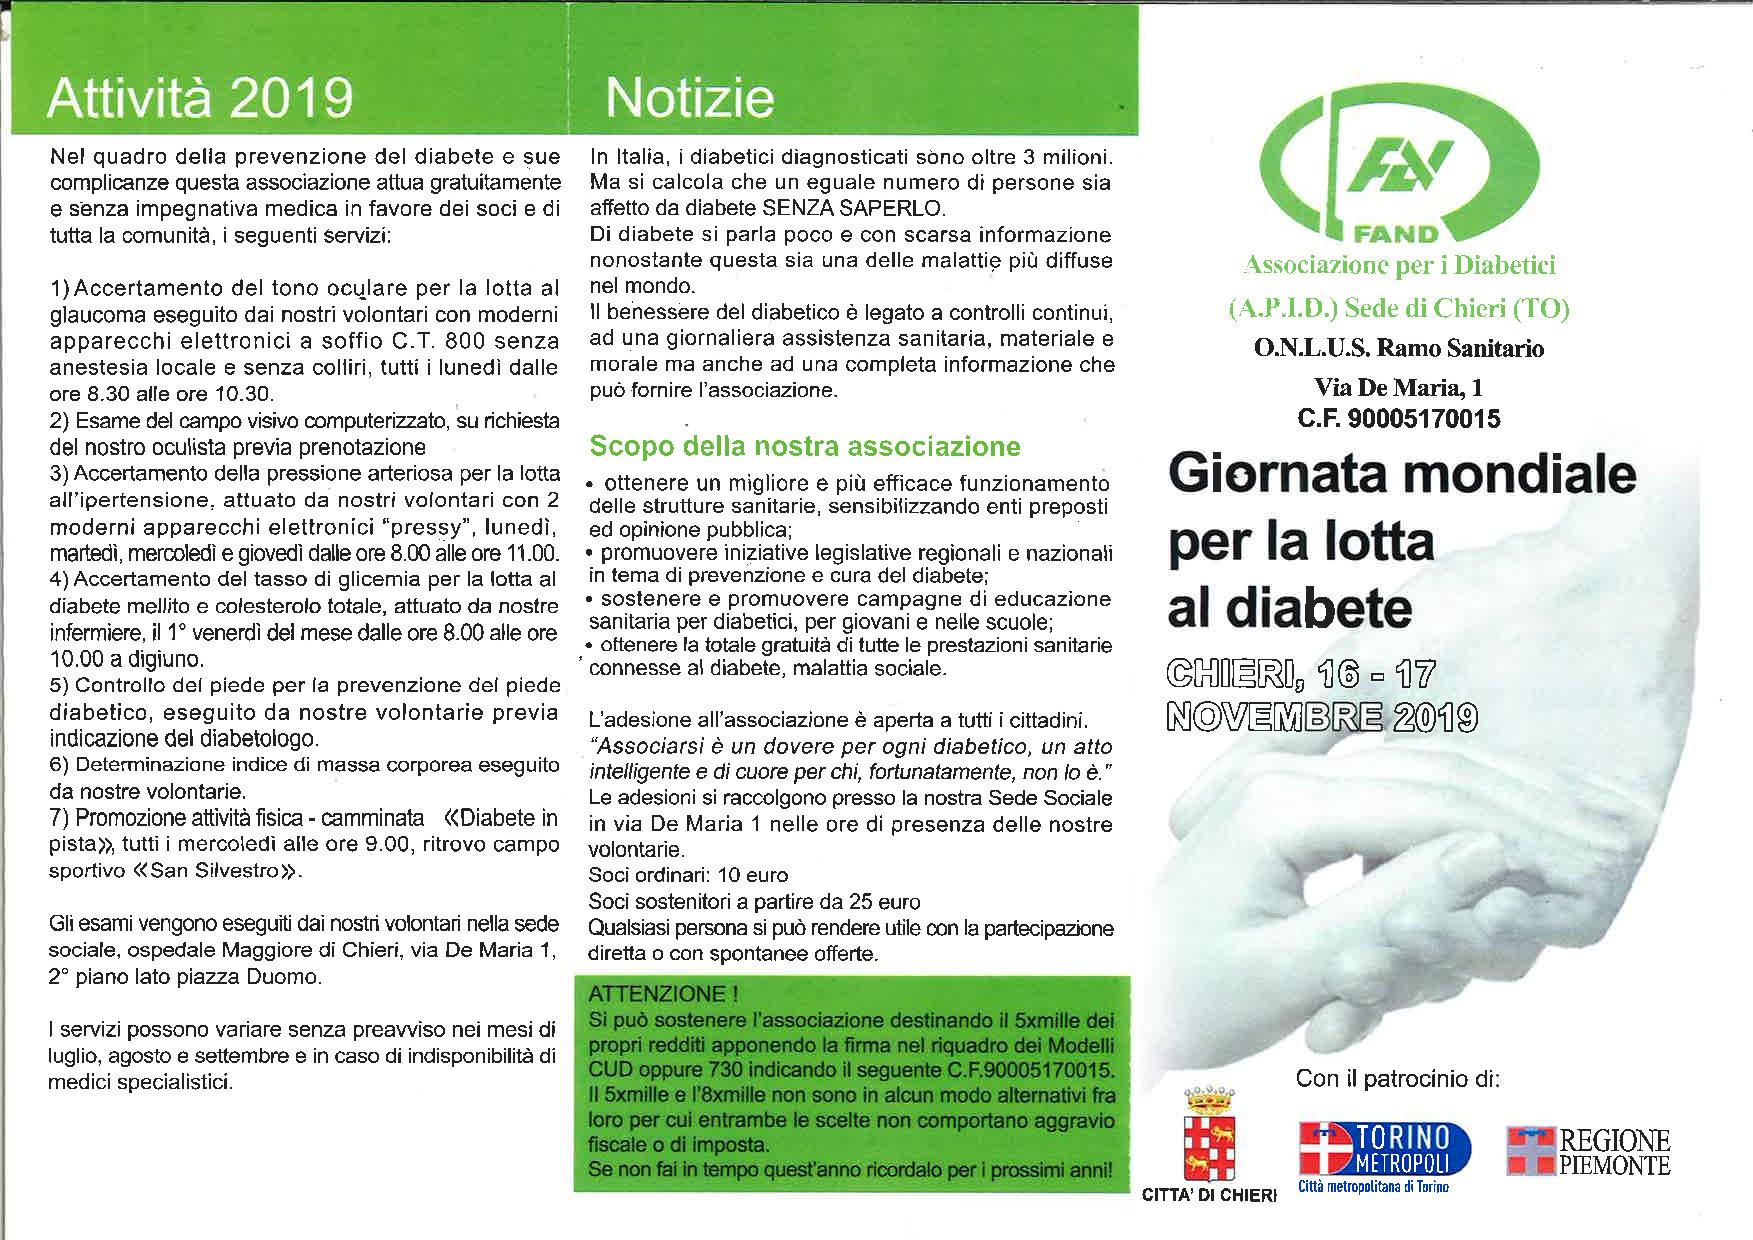 Chieri Giornata mondiale per la lotta al diabete